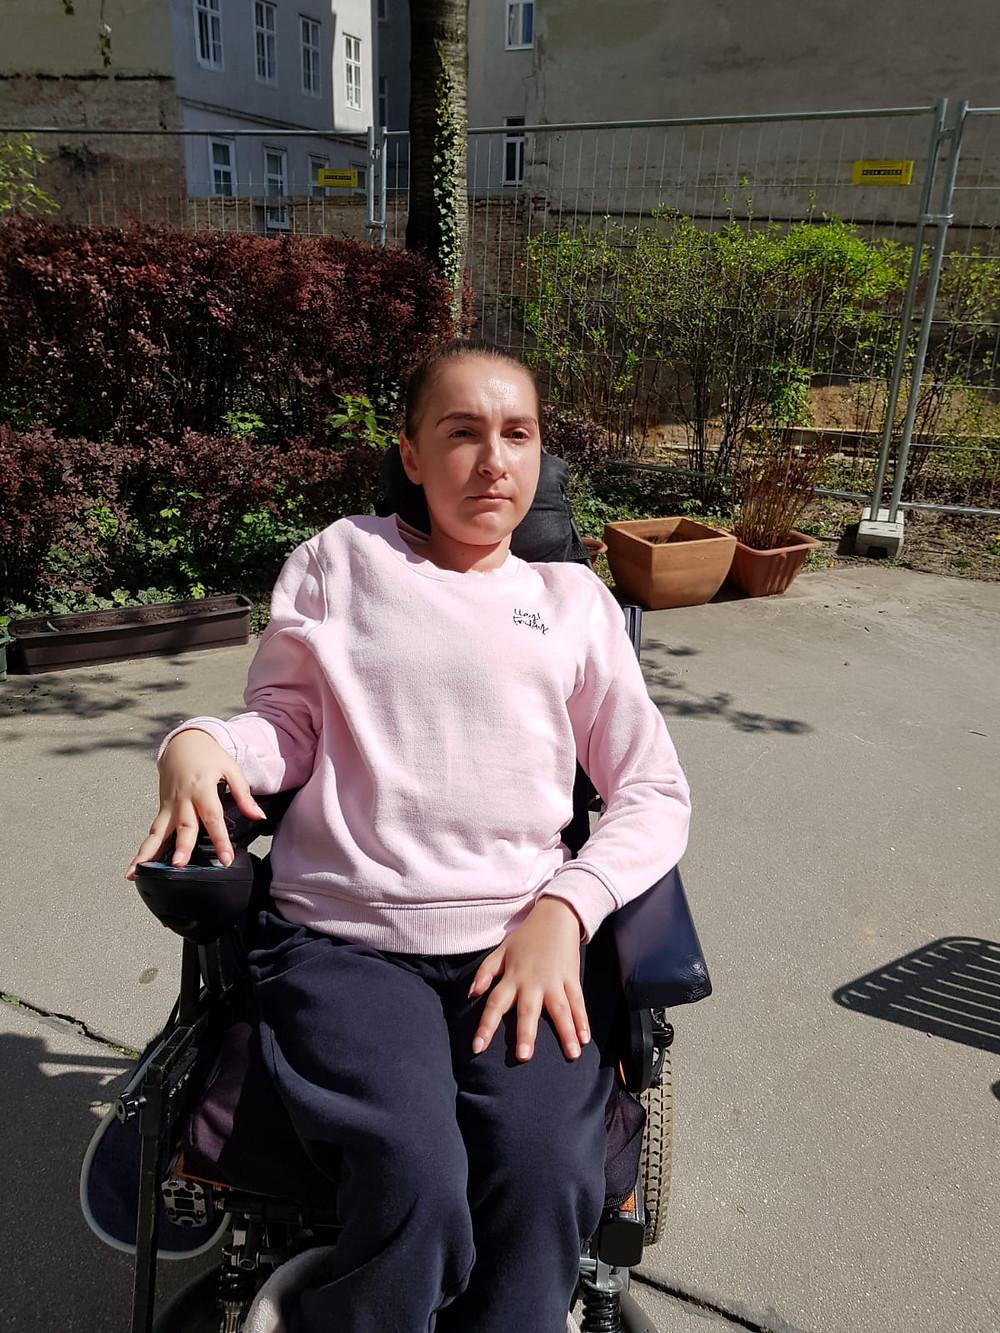 Lidija Ljubic in einem sonnigen Vorhof im Rollstuhl sitzend mit rosa Pullover